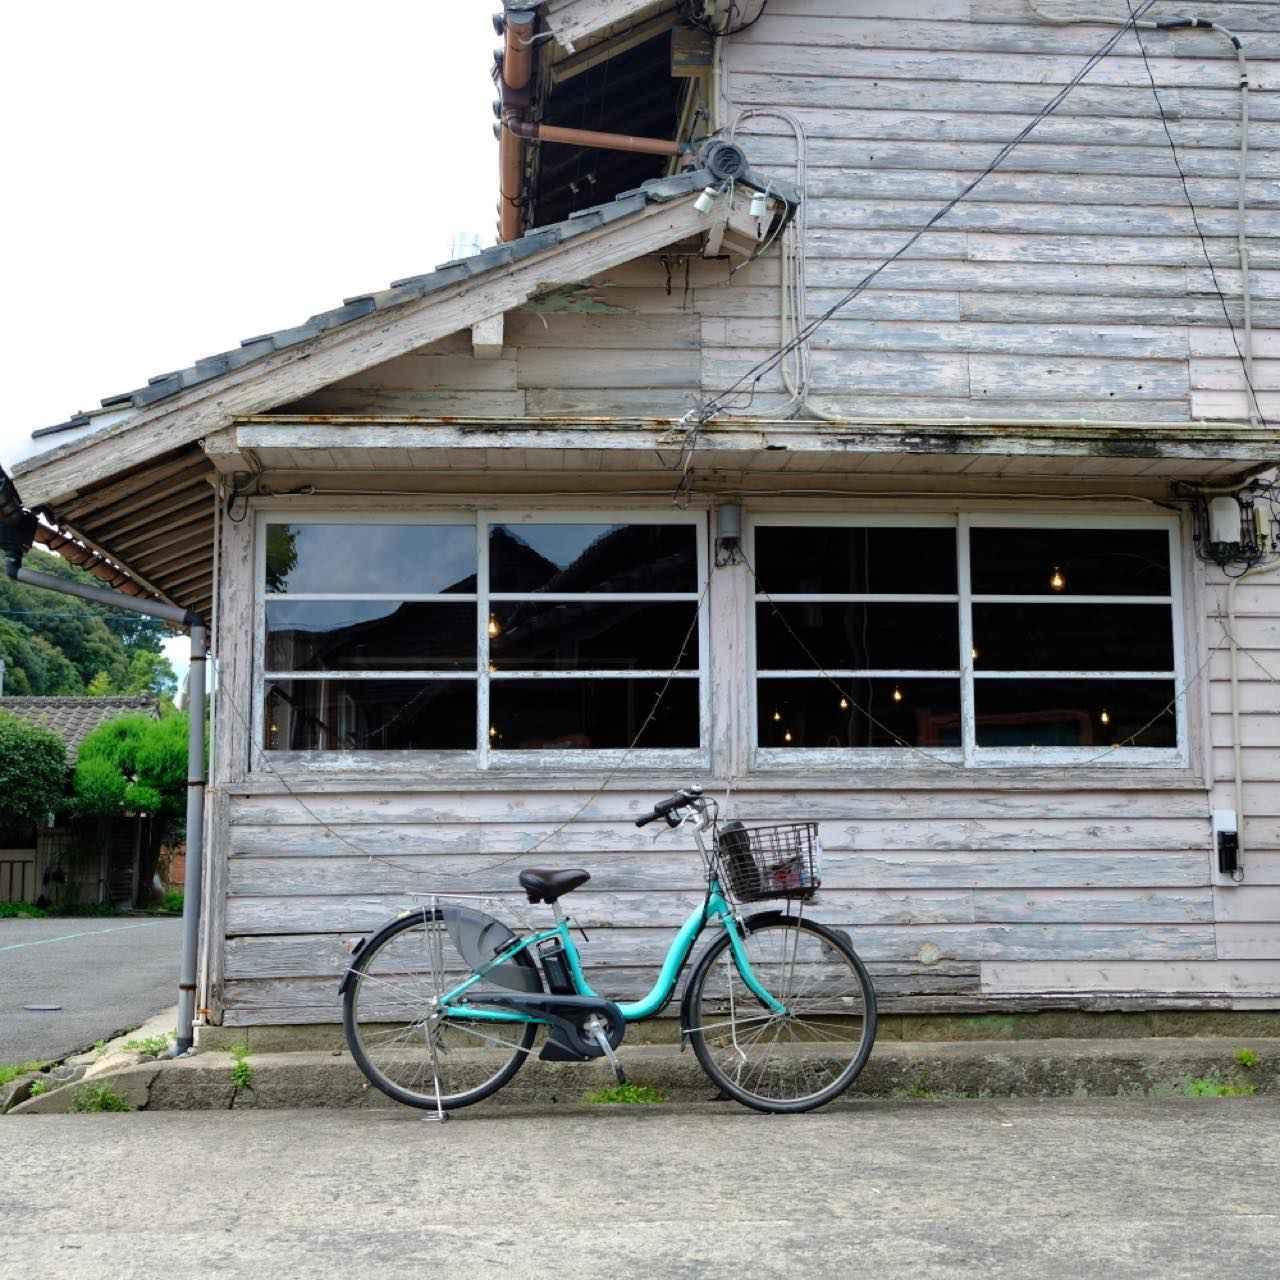 画像: この後の予定は、レンタサイクルで坂道登り。レンタサイクルは電動アシスト付きです。その前にランチを済ませるため、カフェへと立ち寄ります。